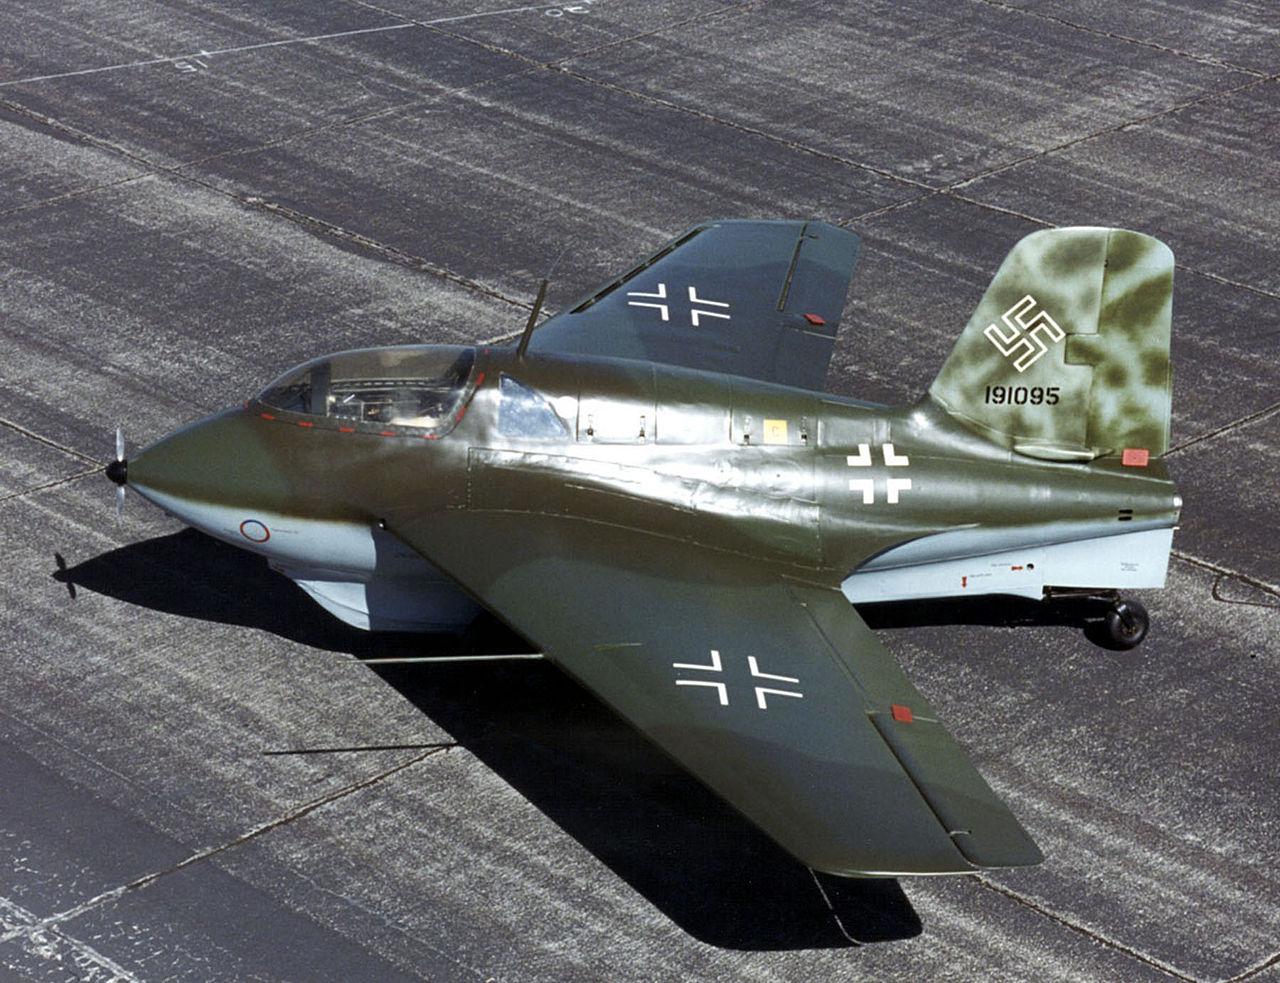 [Pilt: 1280px-Messerschmitt_Me_163B_USAF.jpg]